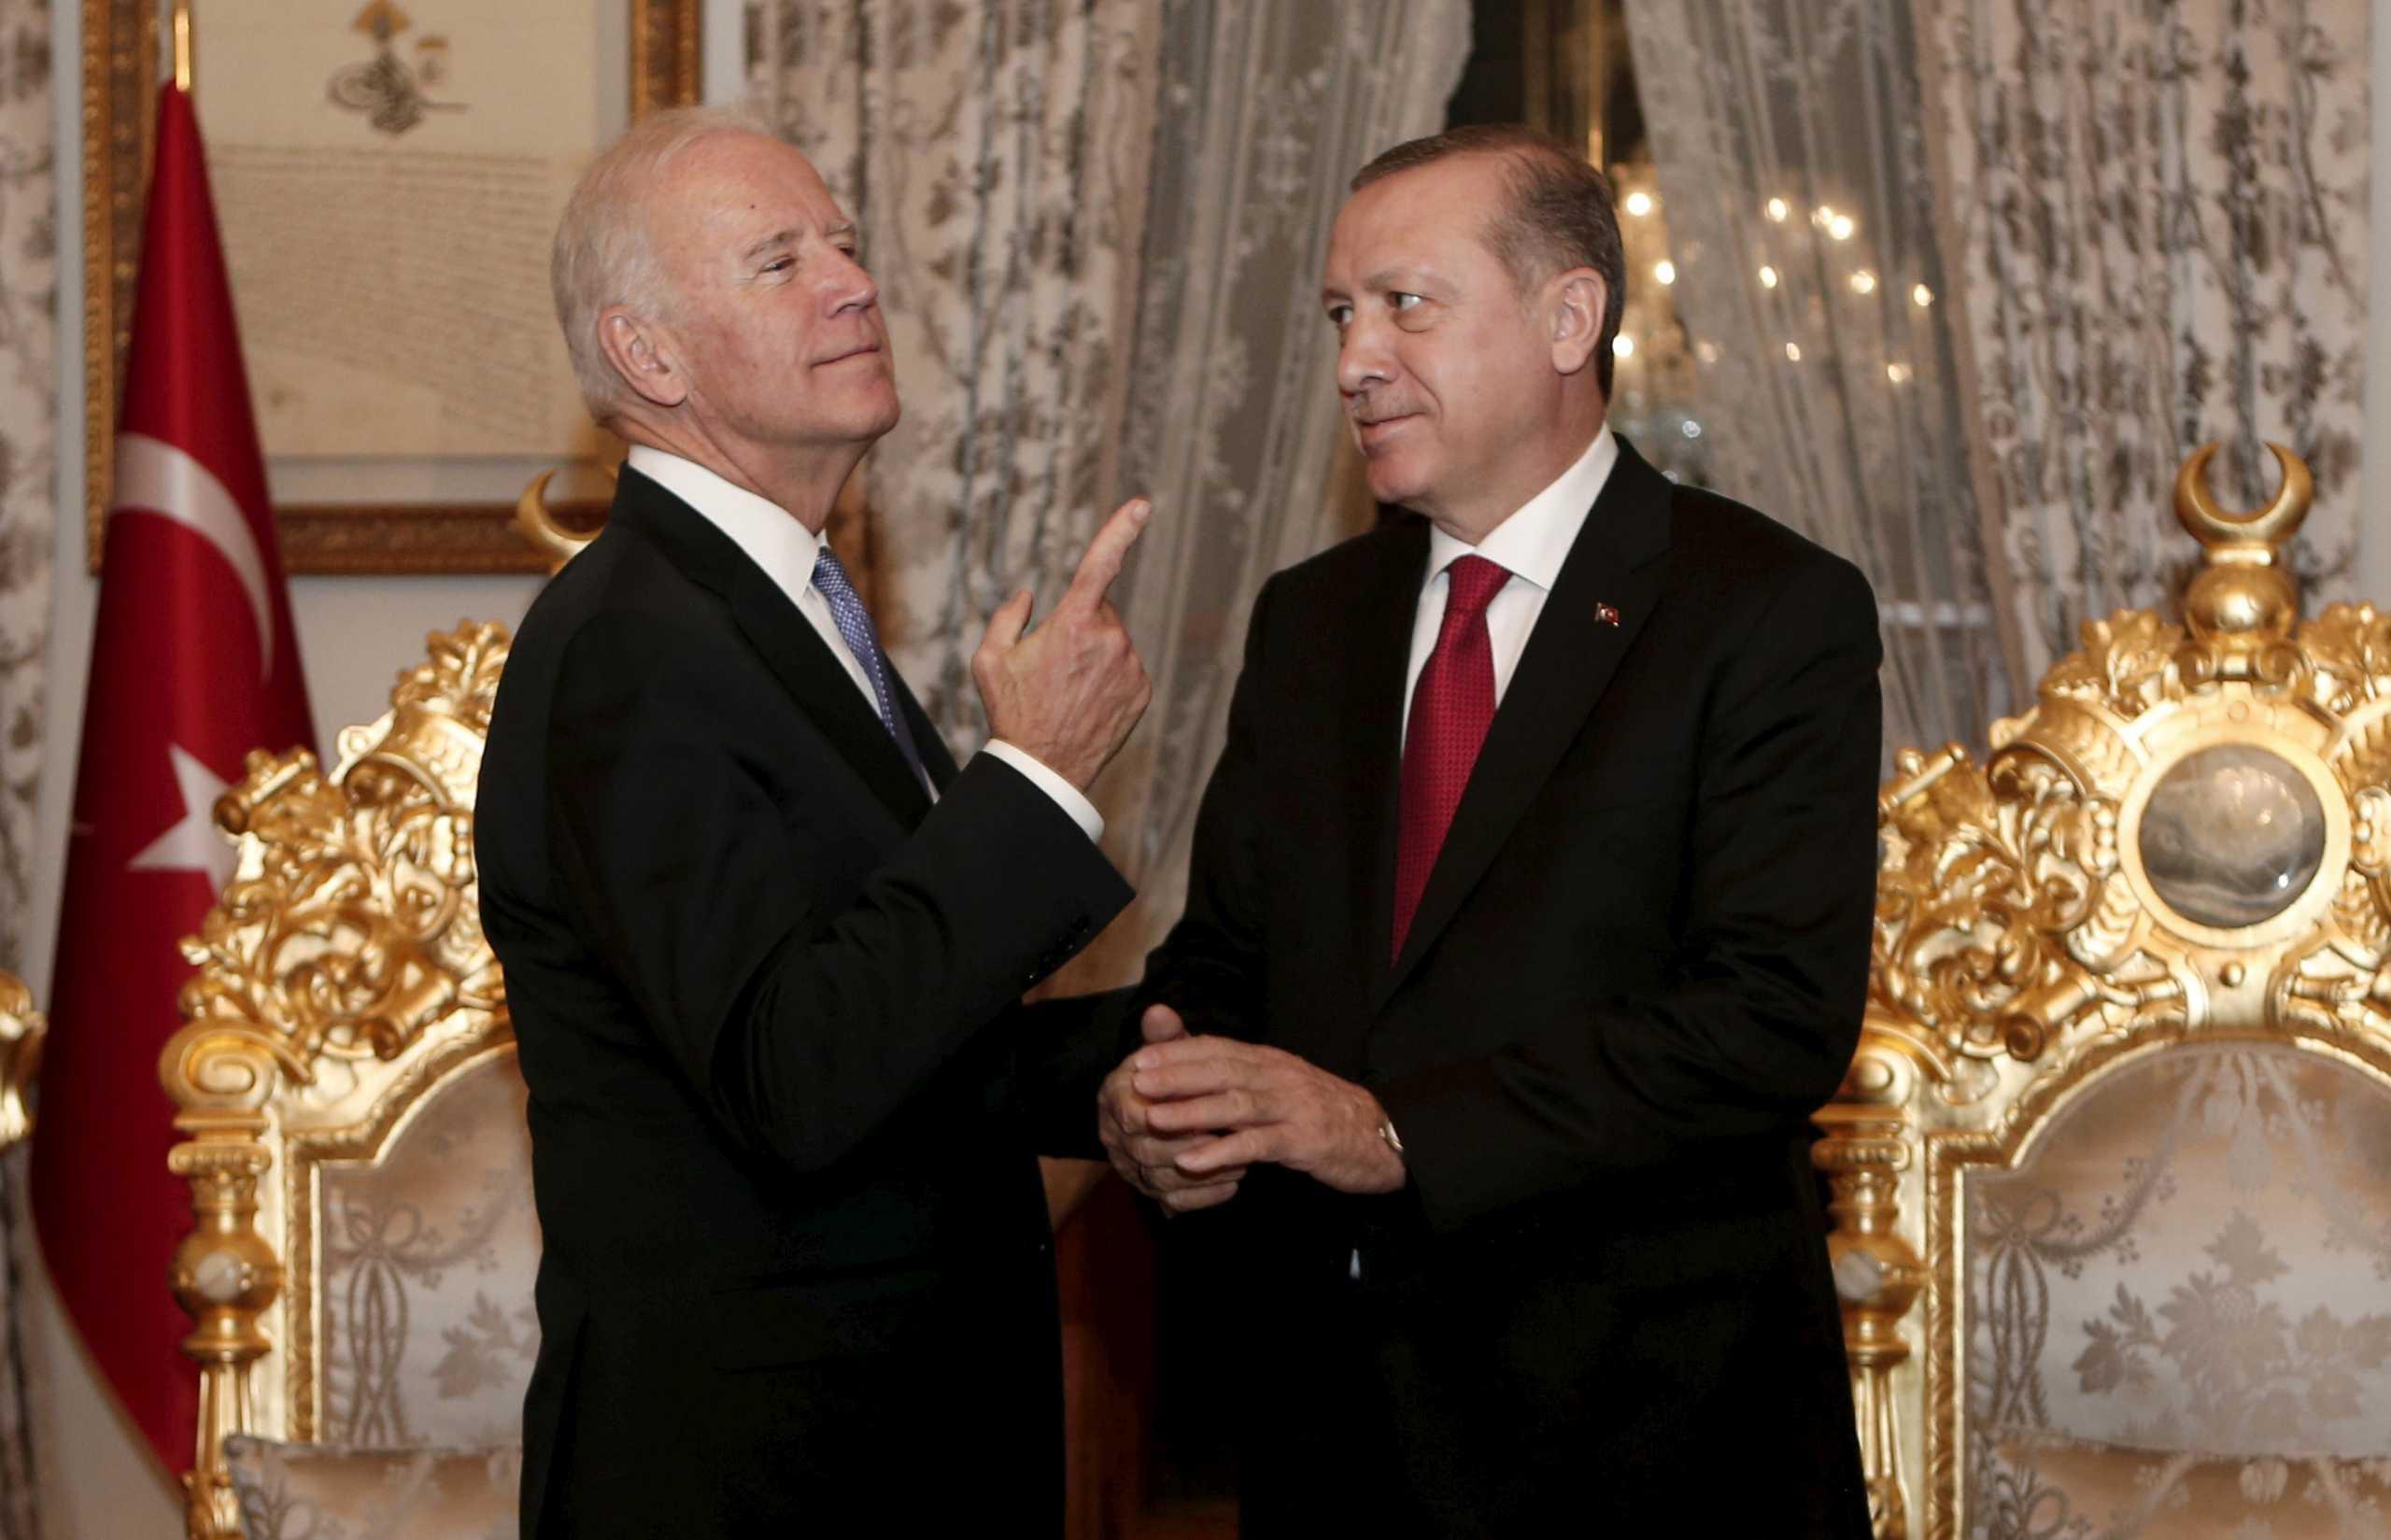 Μπάιντεν και Ερντογάν συμφώνησαν να συναντηθούν – Το πρώτο τους τηλεφώνημα